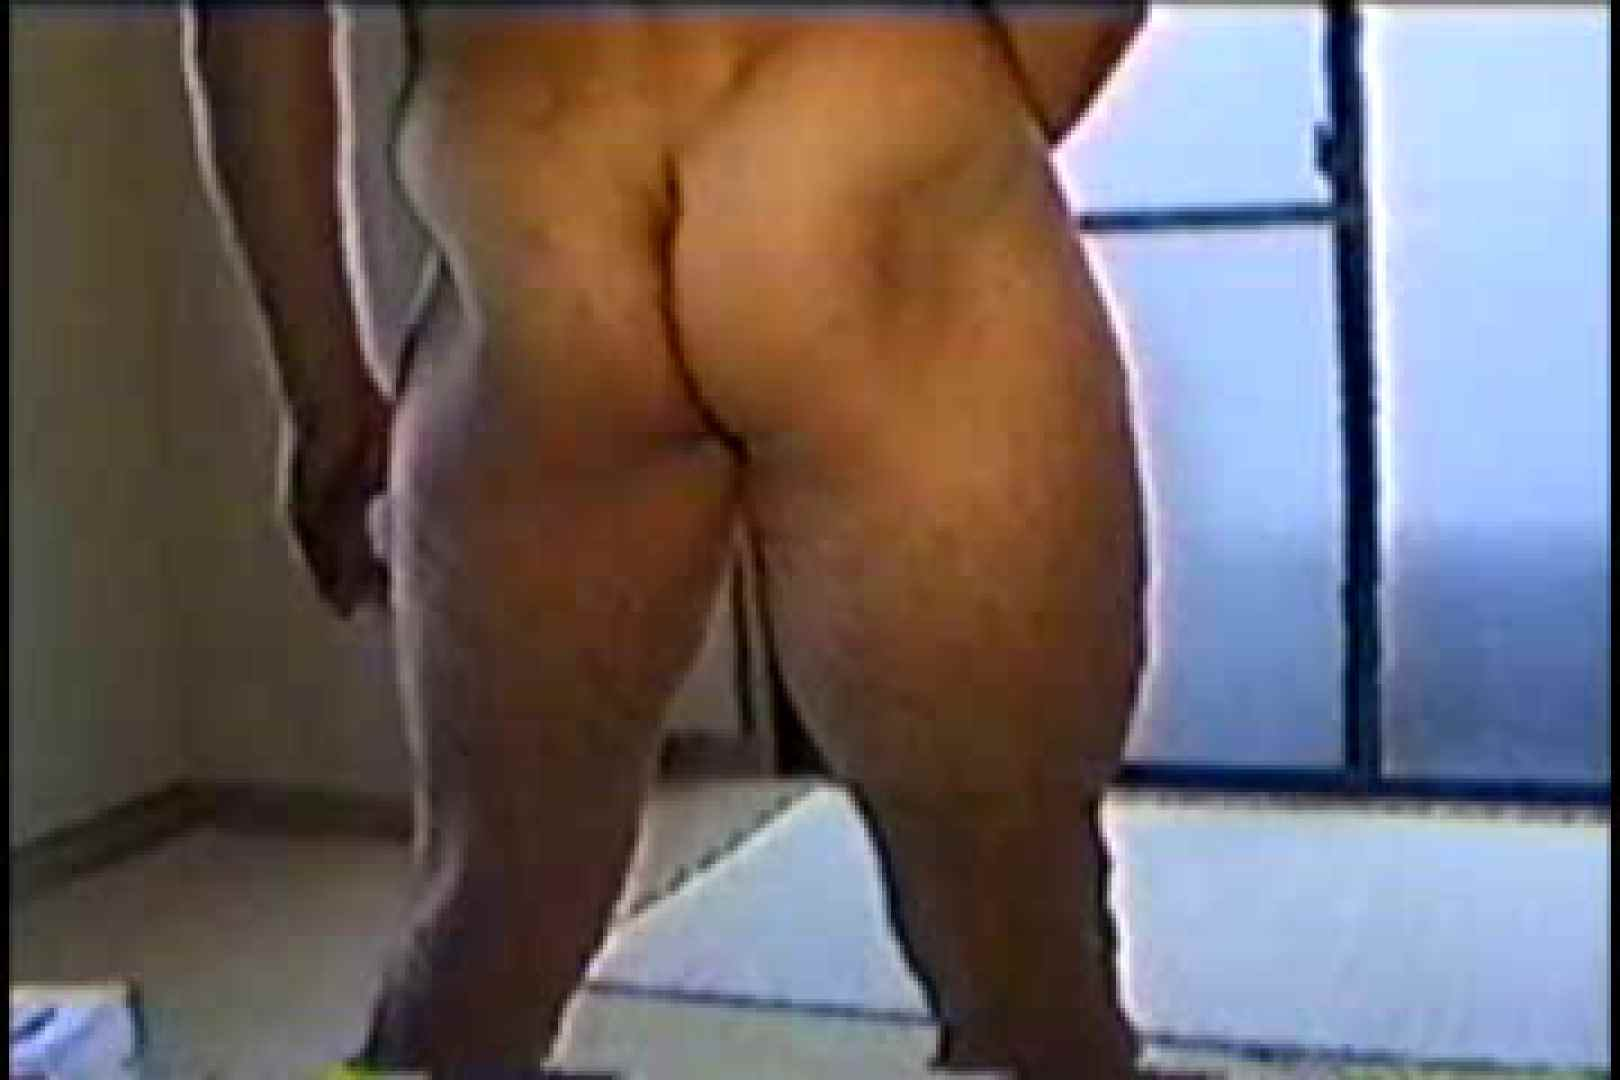 『ノンケ・スポーツマンシップとは・・・! ! 』 第3戦 マッチョ   ゲイの裸  95枚 15